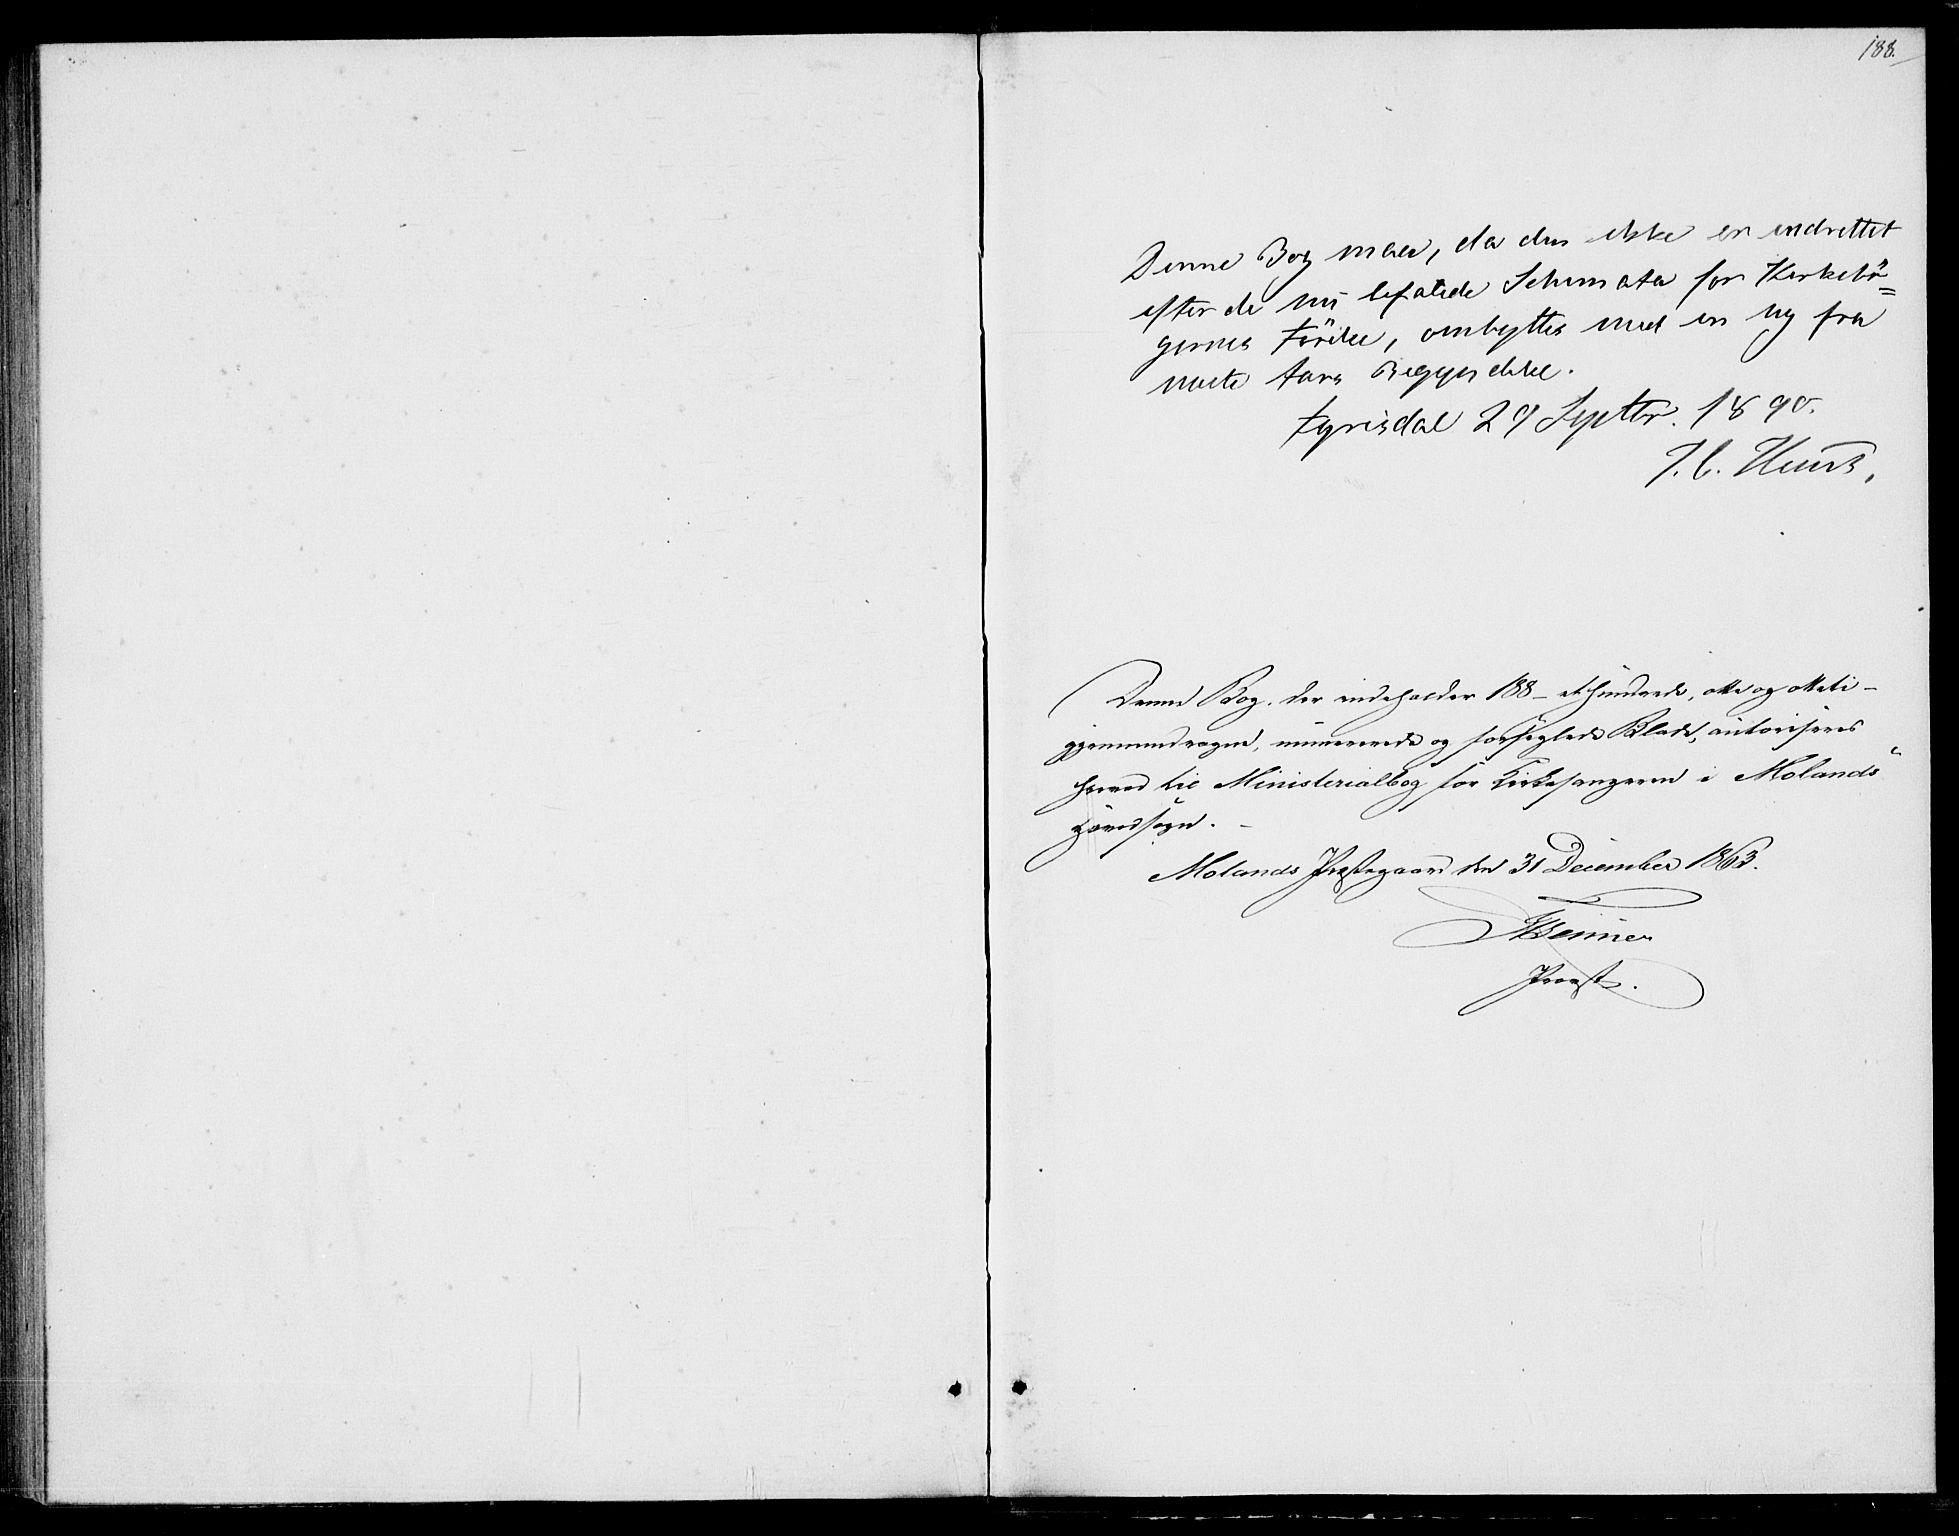 SAKO, Fyresdal kirkebøker, G/Ga/L0004: Klokkerbok nr. I 4, 1864-1892, s. 188